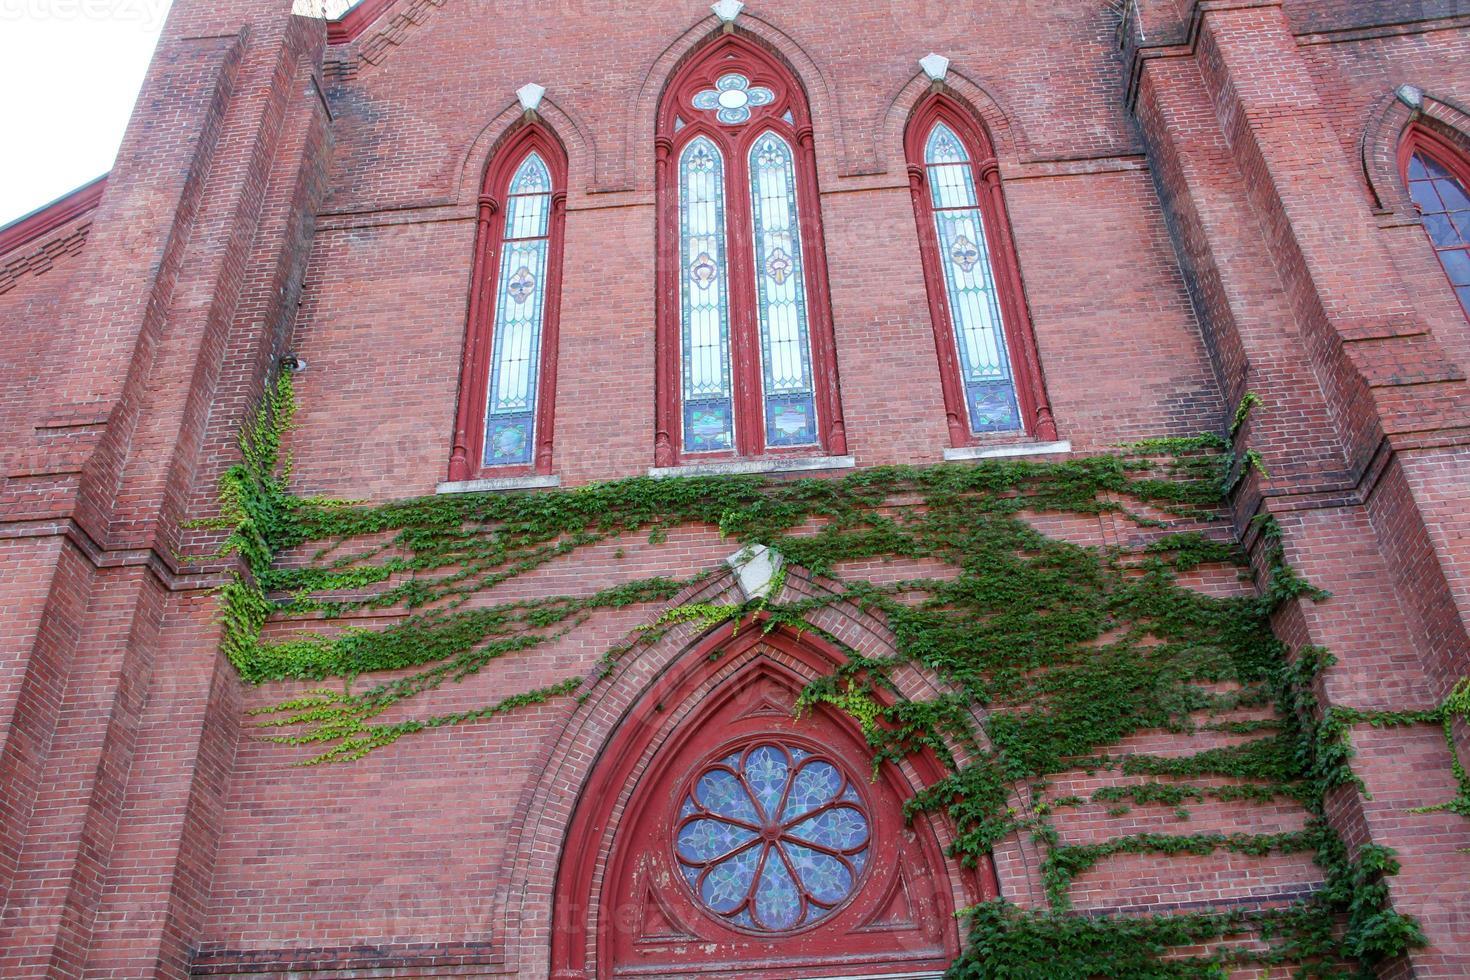 utsmyckade fönster från metodistkyrkan, centrala keene, New Hampshire. foto